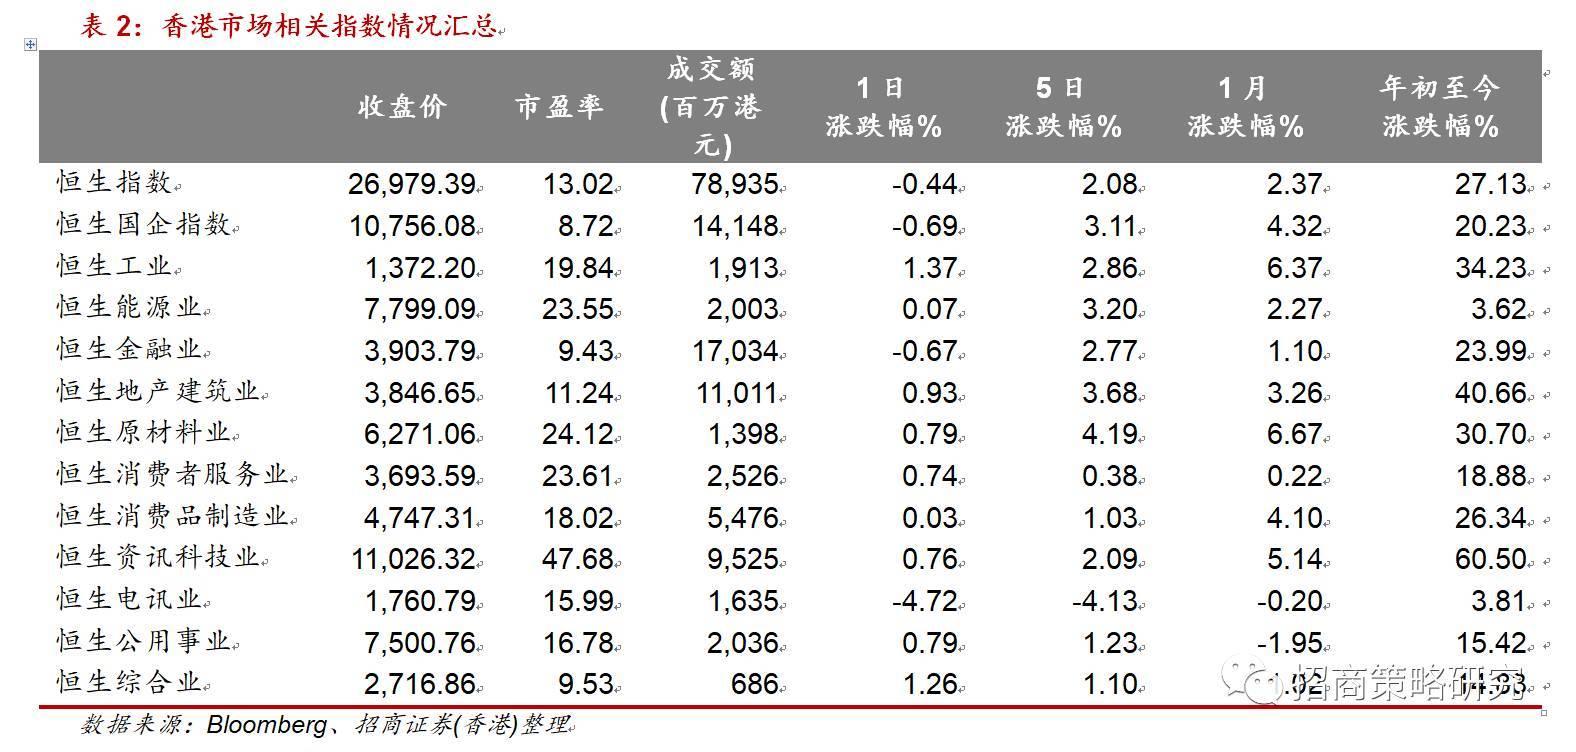 【招商研究】每日复盘与晨会精要(0831):市场跷跷板现象明显